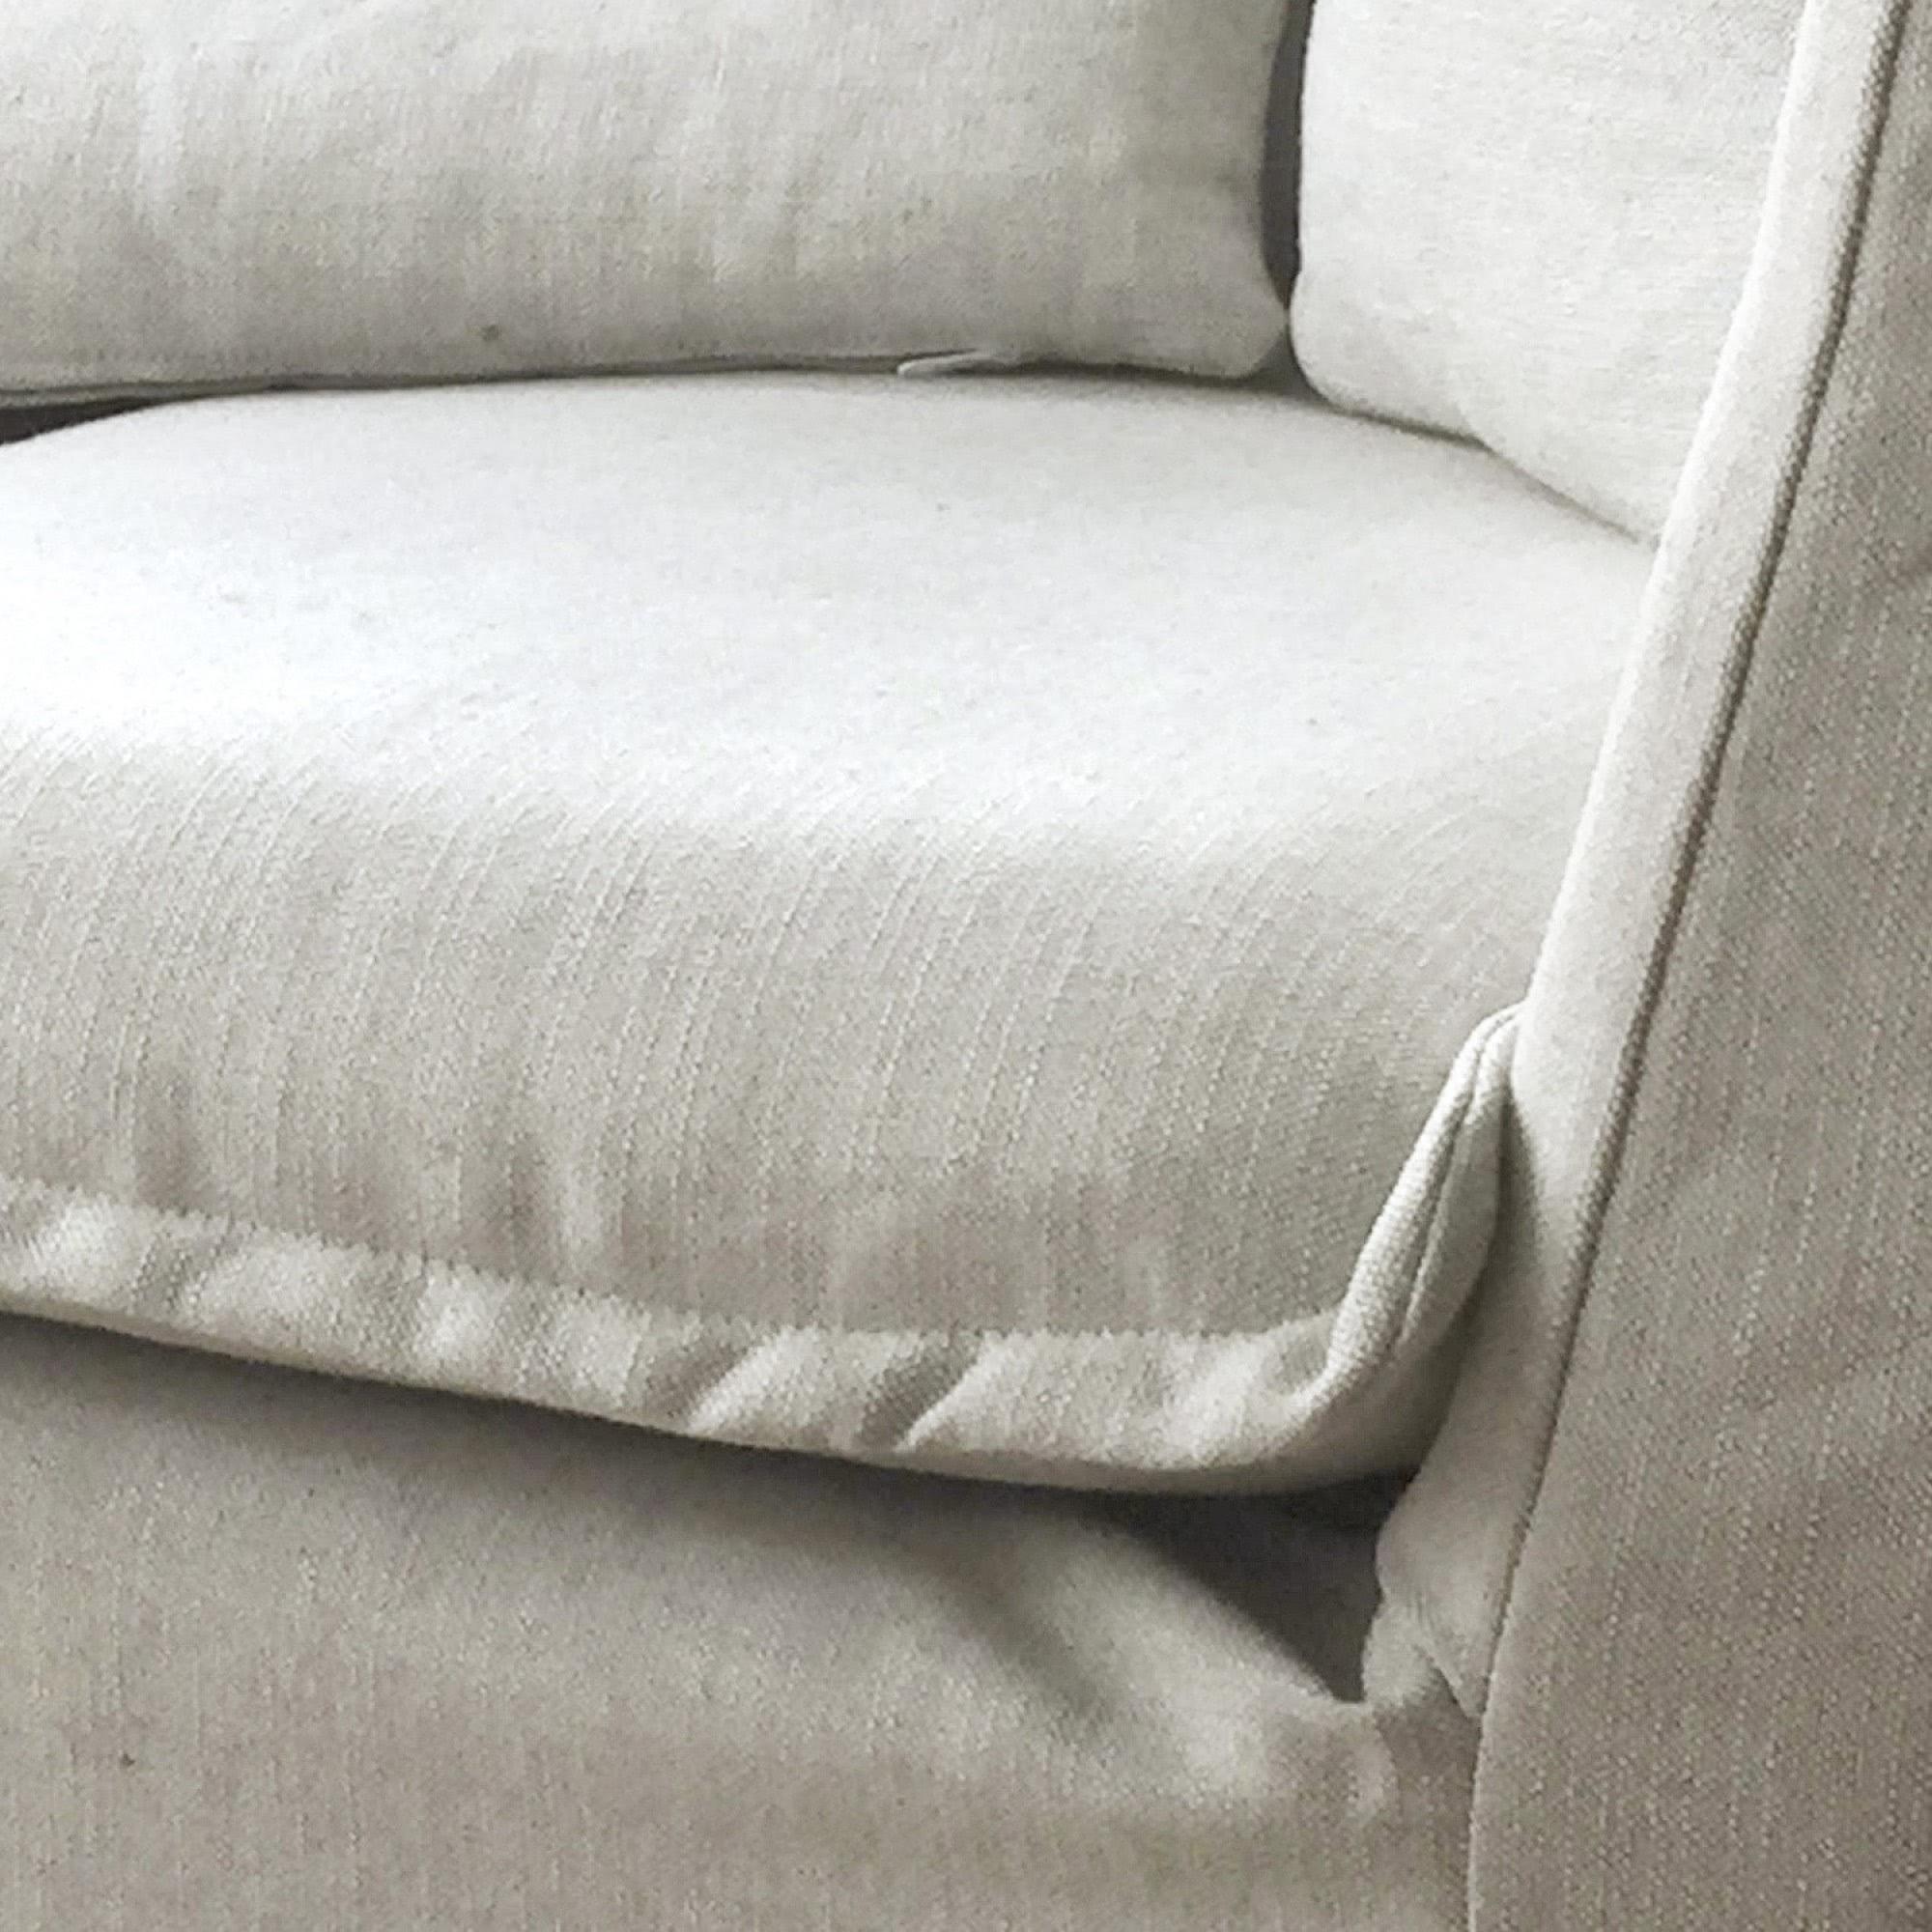 sofa abnehmbarer bezug es geht um idee. Black Bedroom Furniture Sets. Home Design Ideas